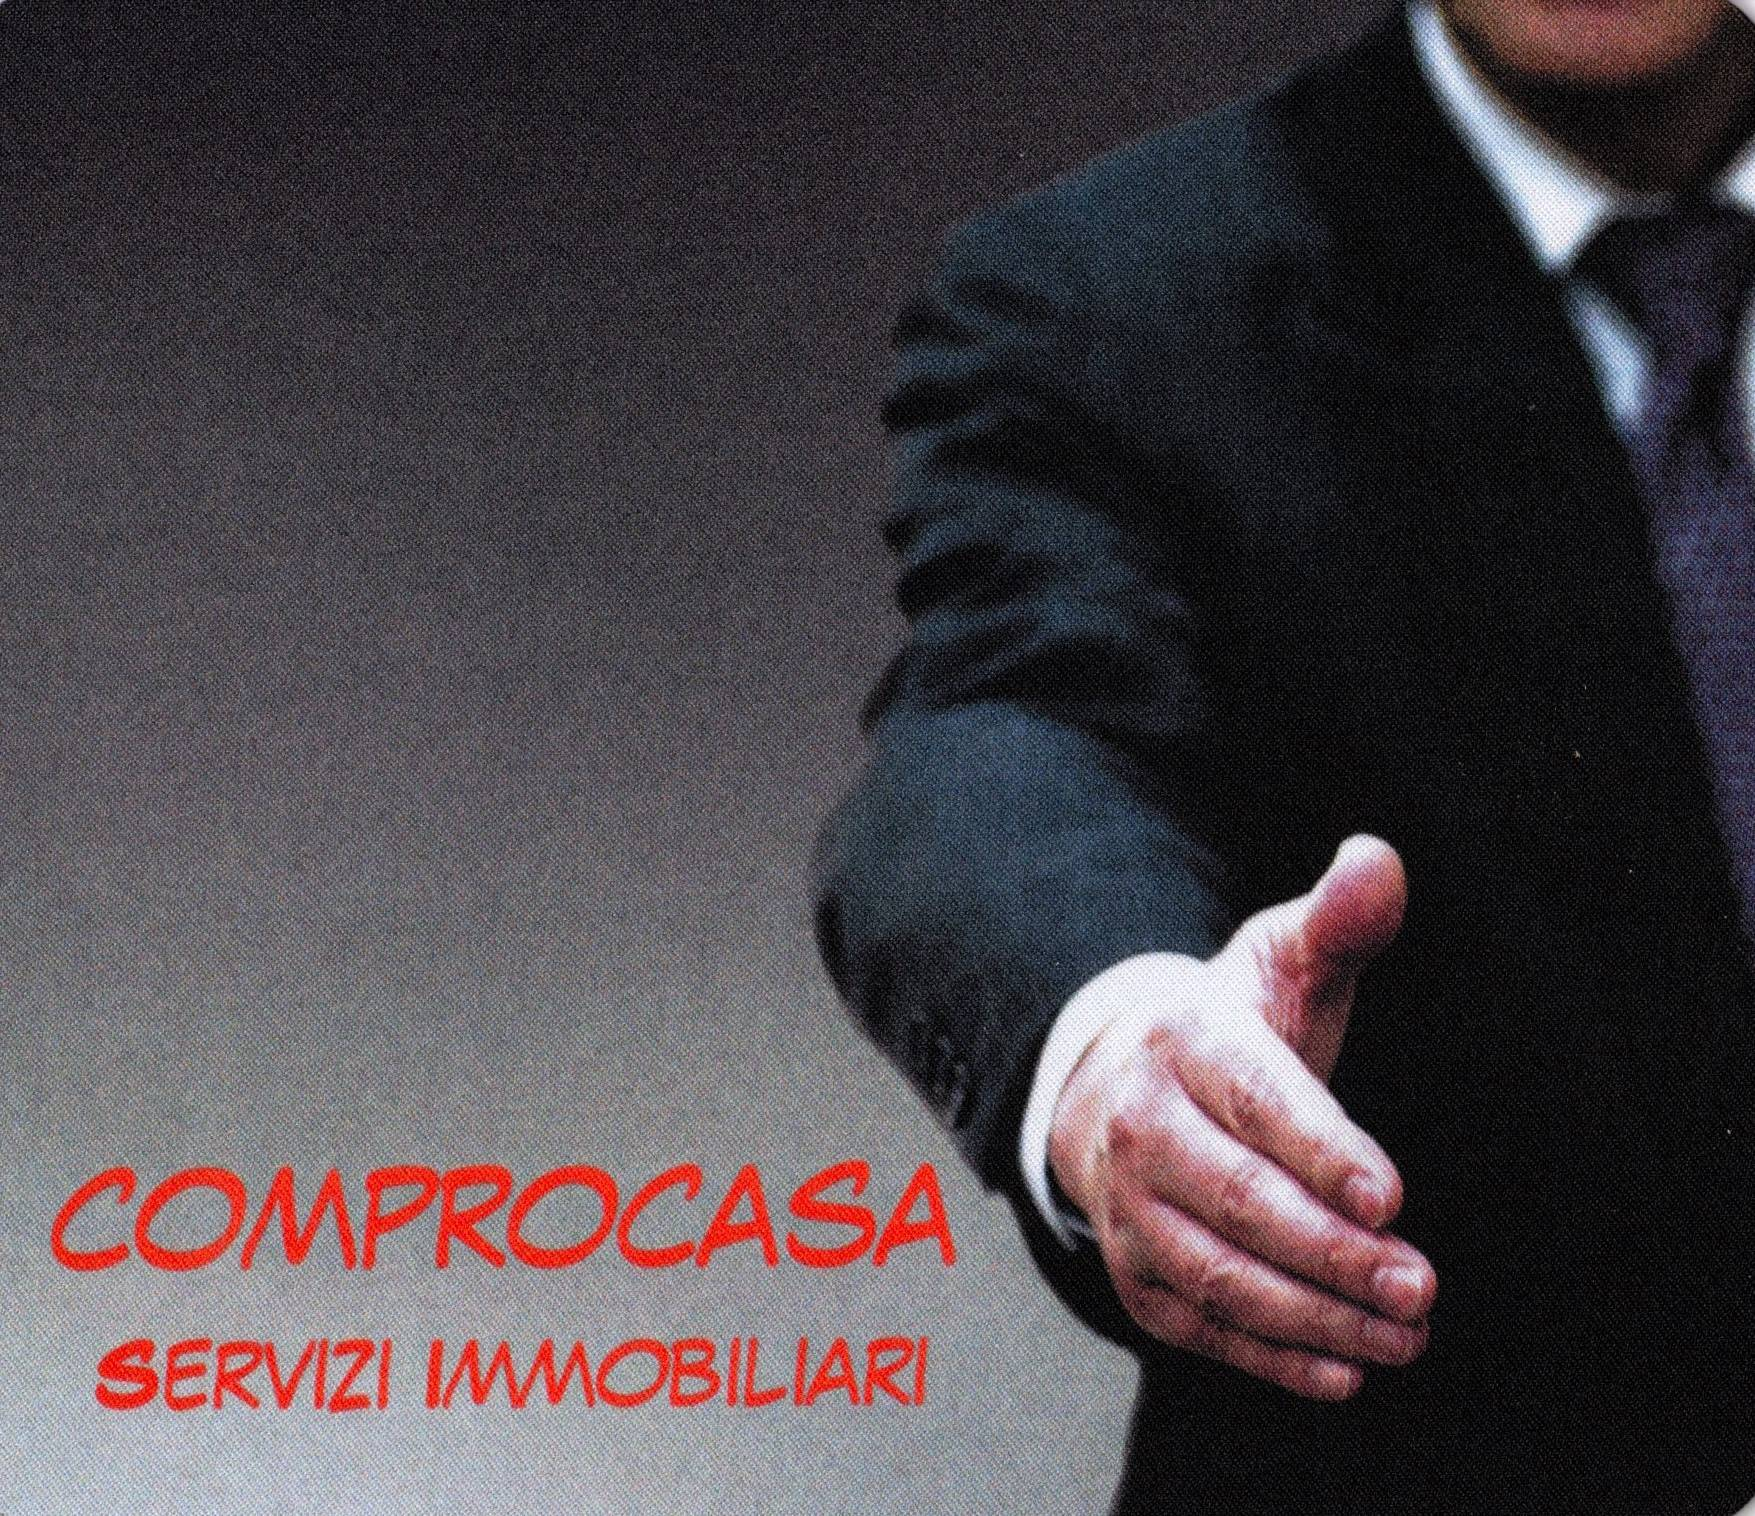 ComproCasa di Vito Grandolfo